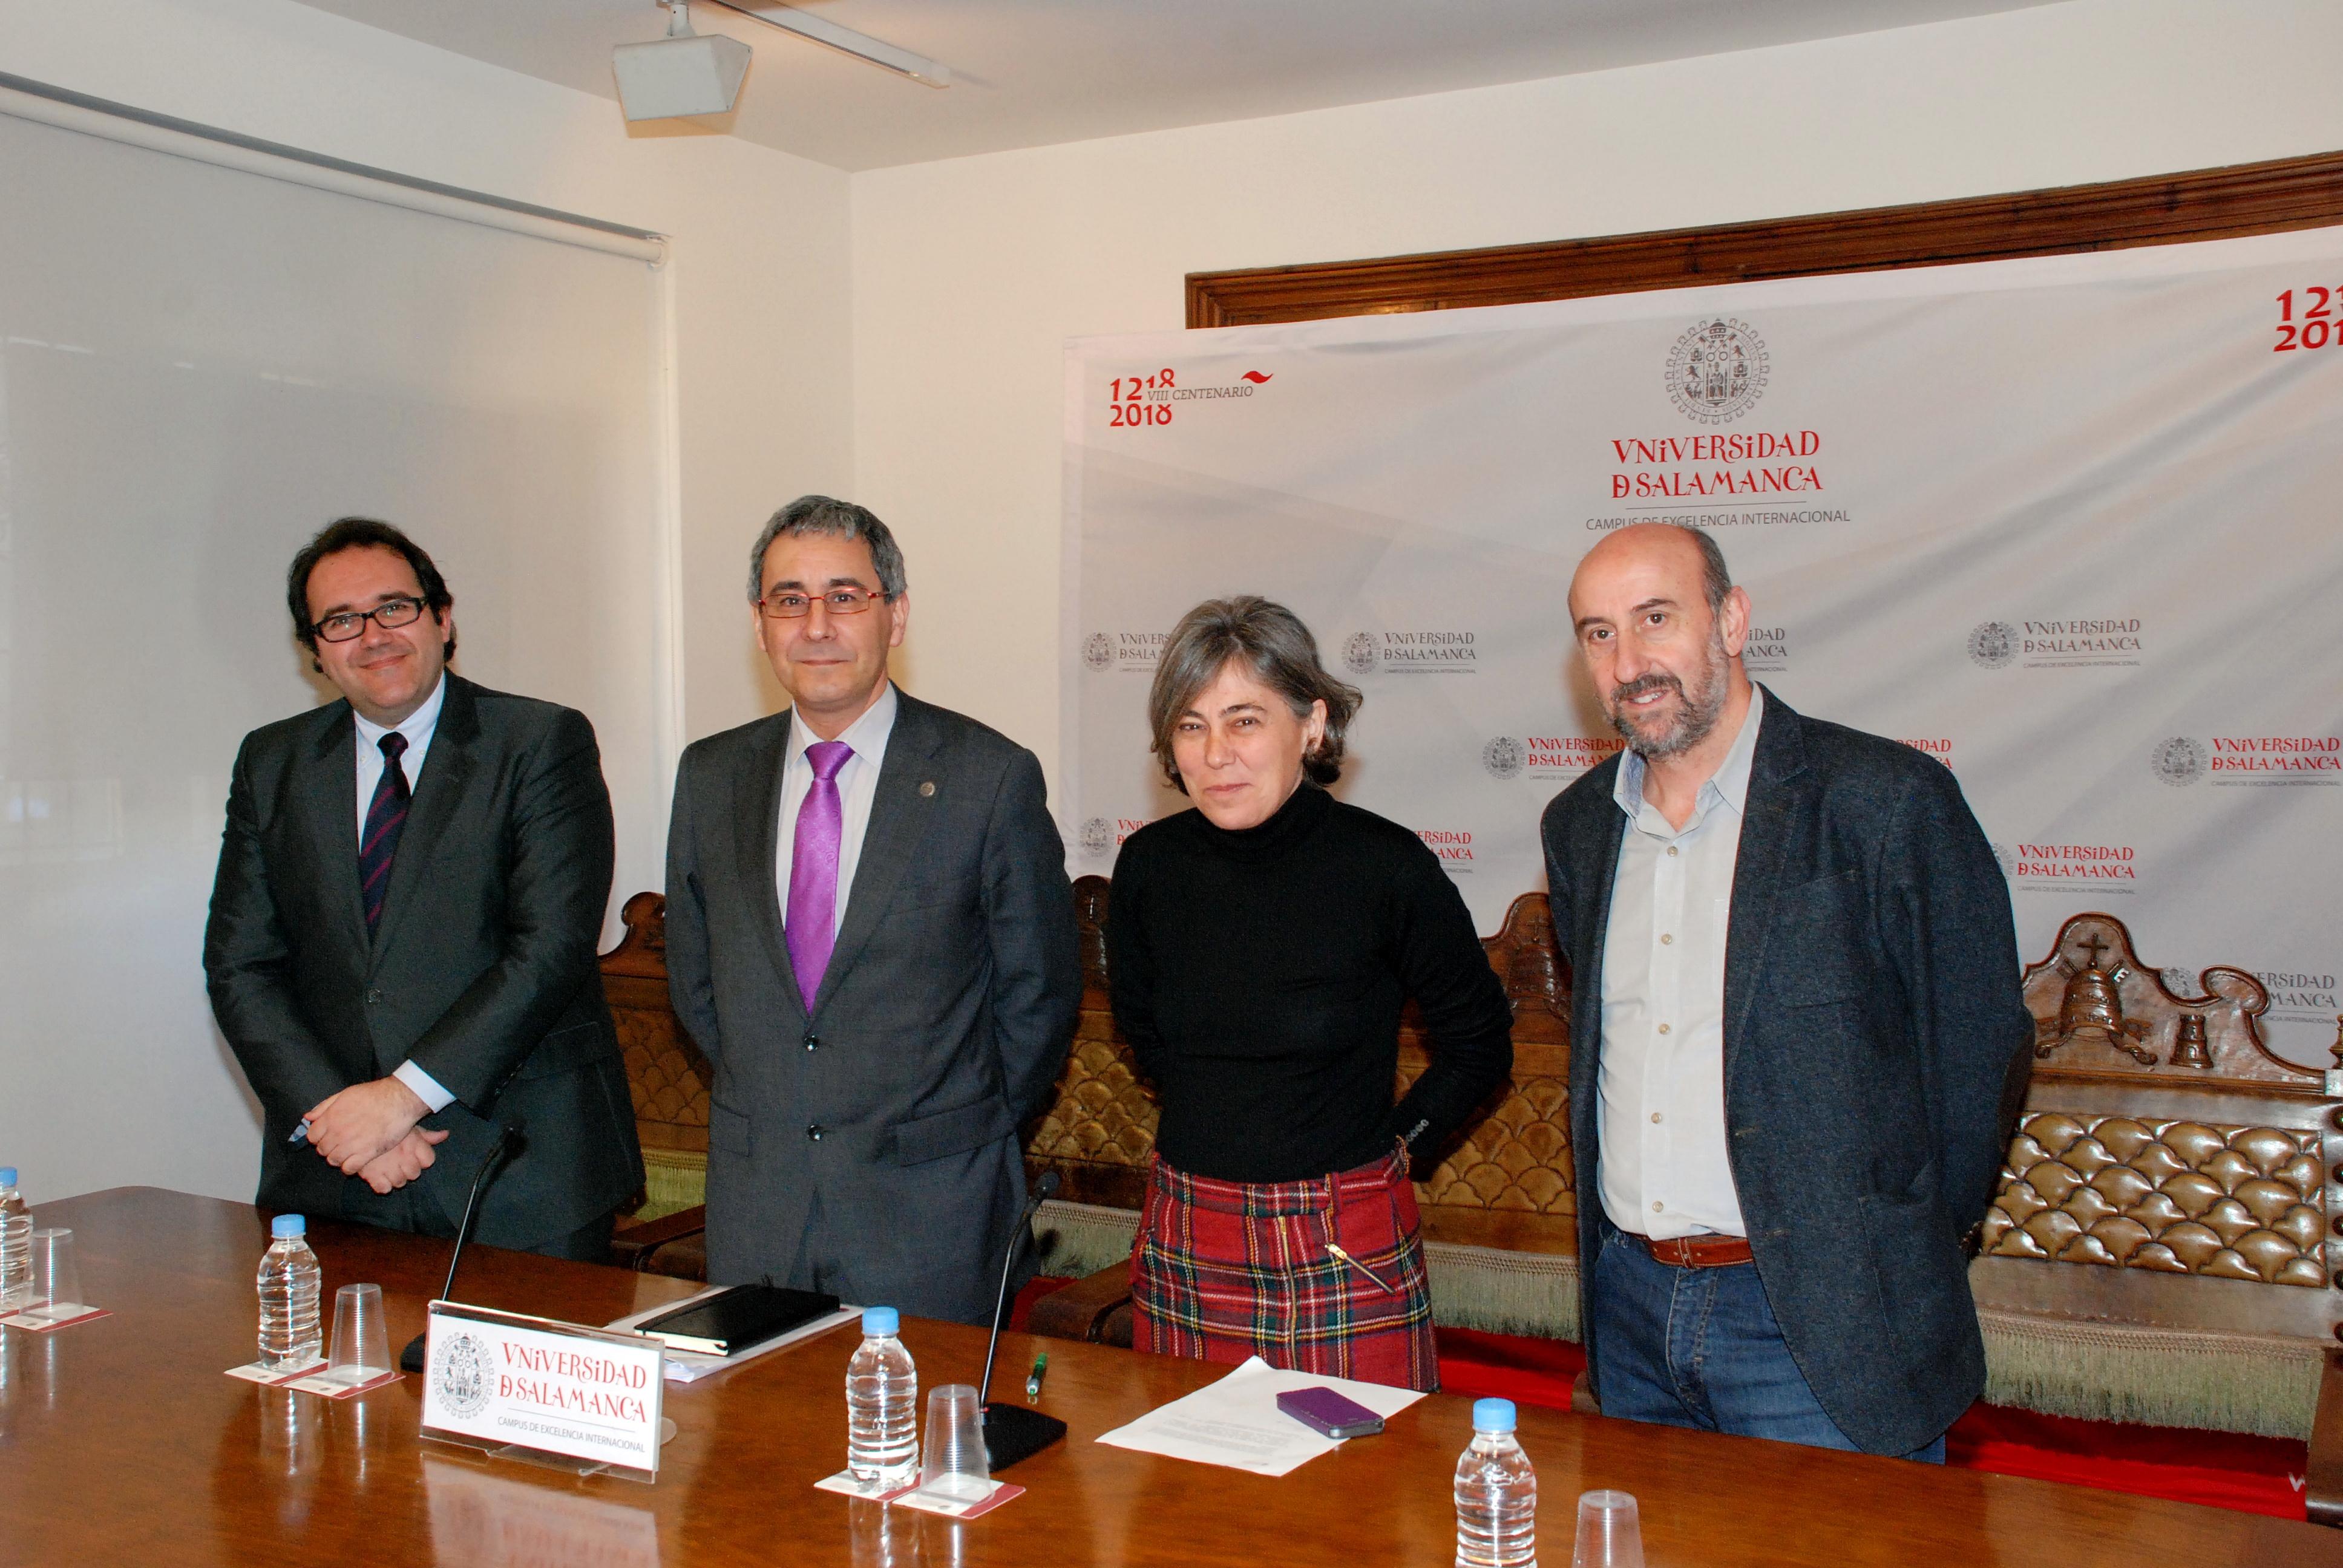 La Universidad de Salamanca pone en marcha el Programa 'Voluntariado 2018', vinculado a los proyectos del VIII Centenario